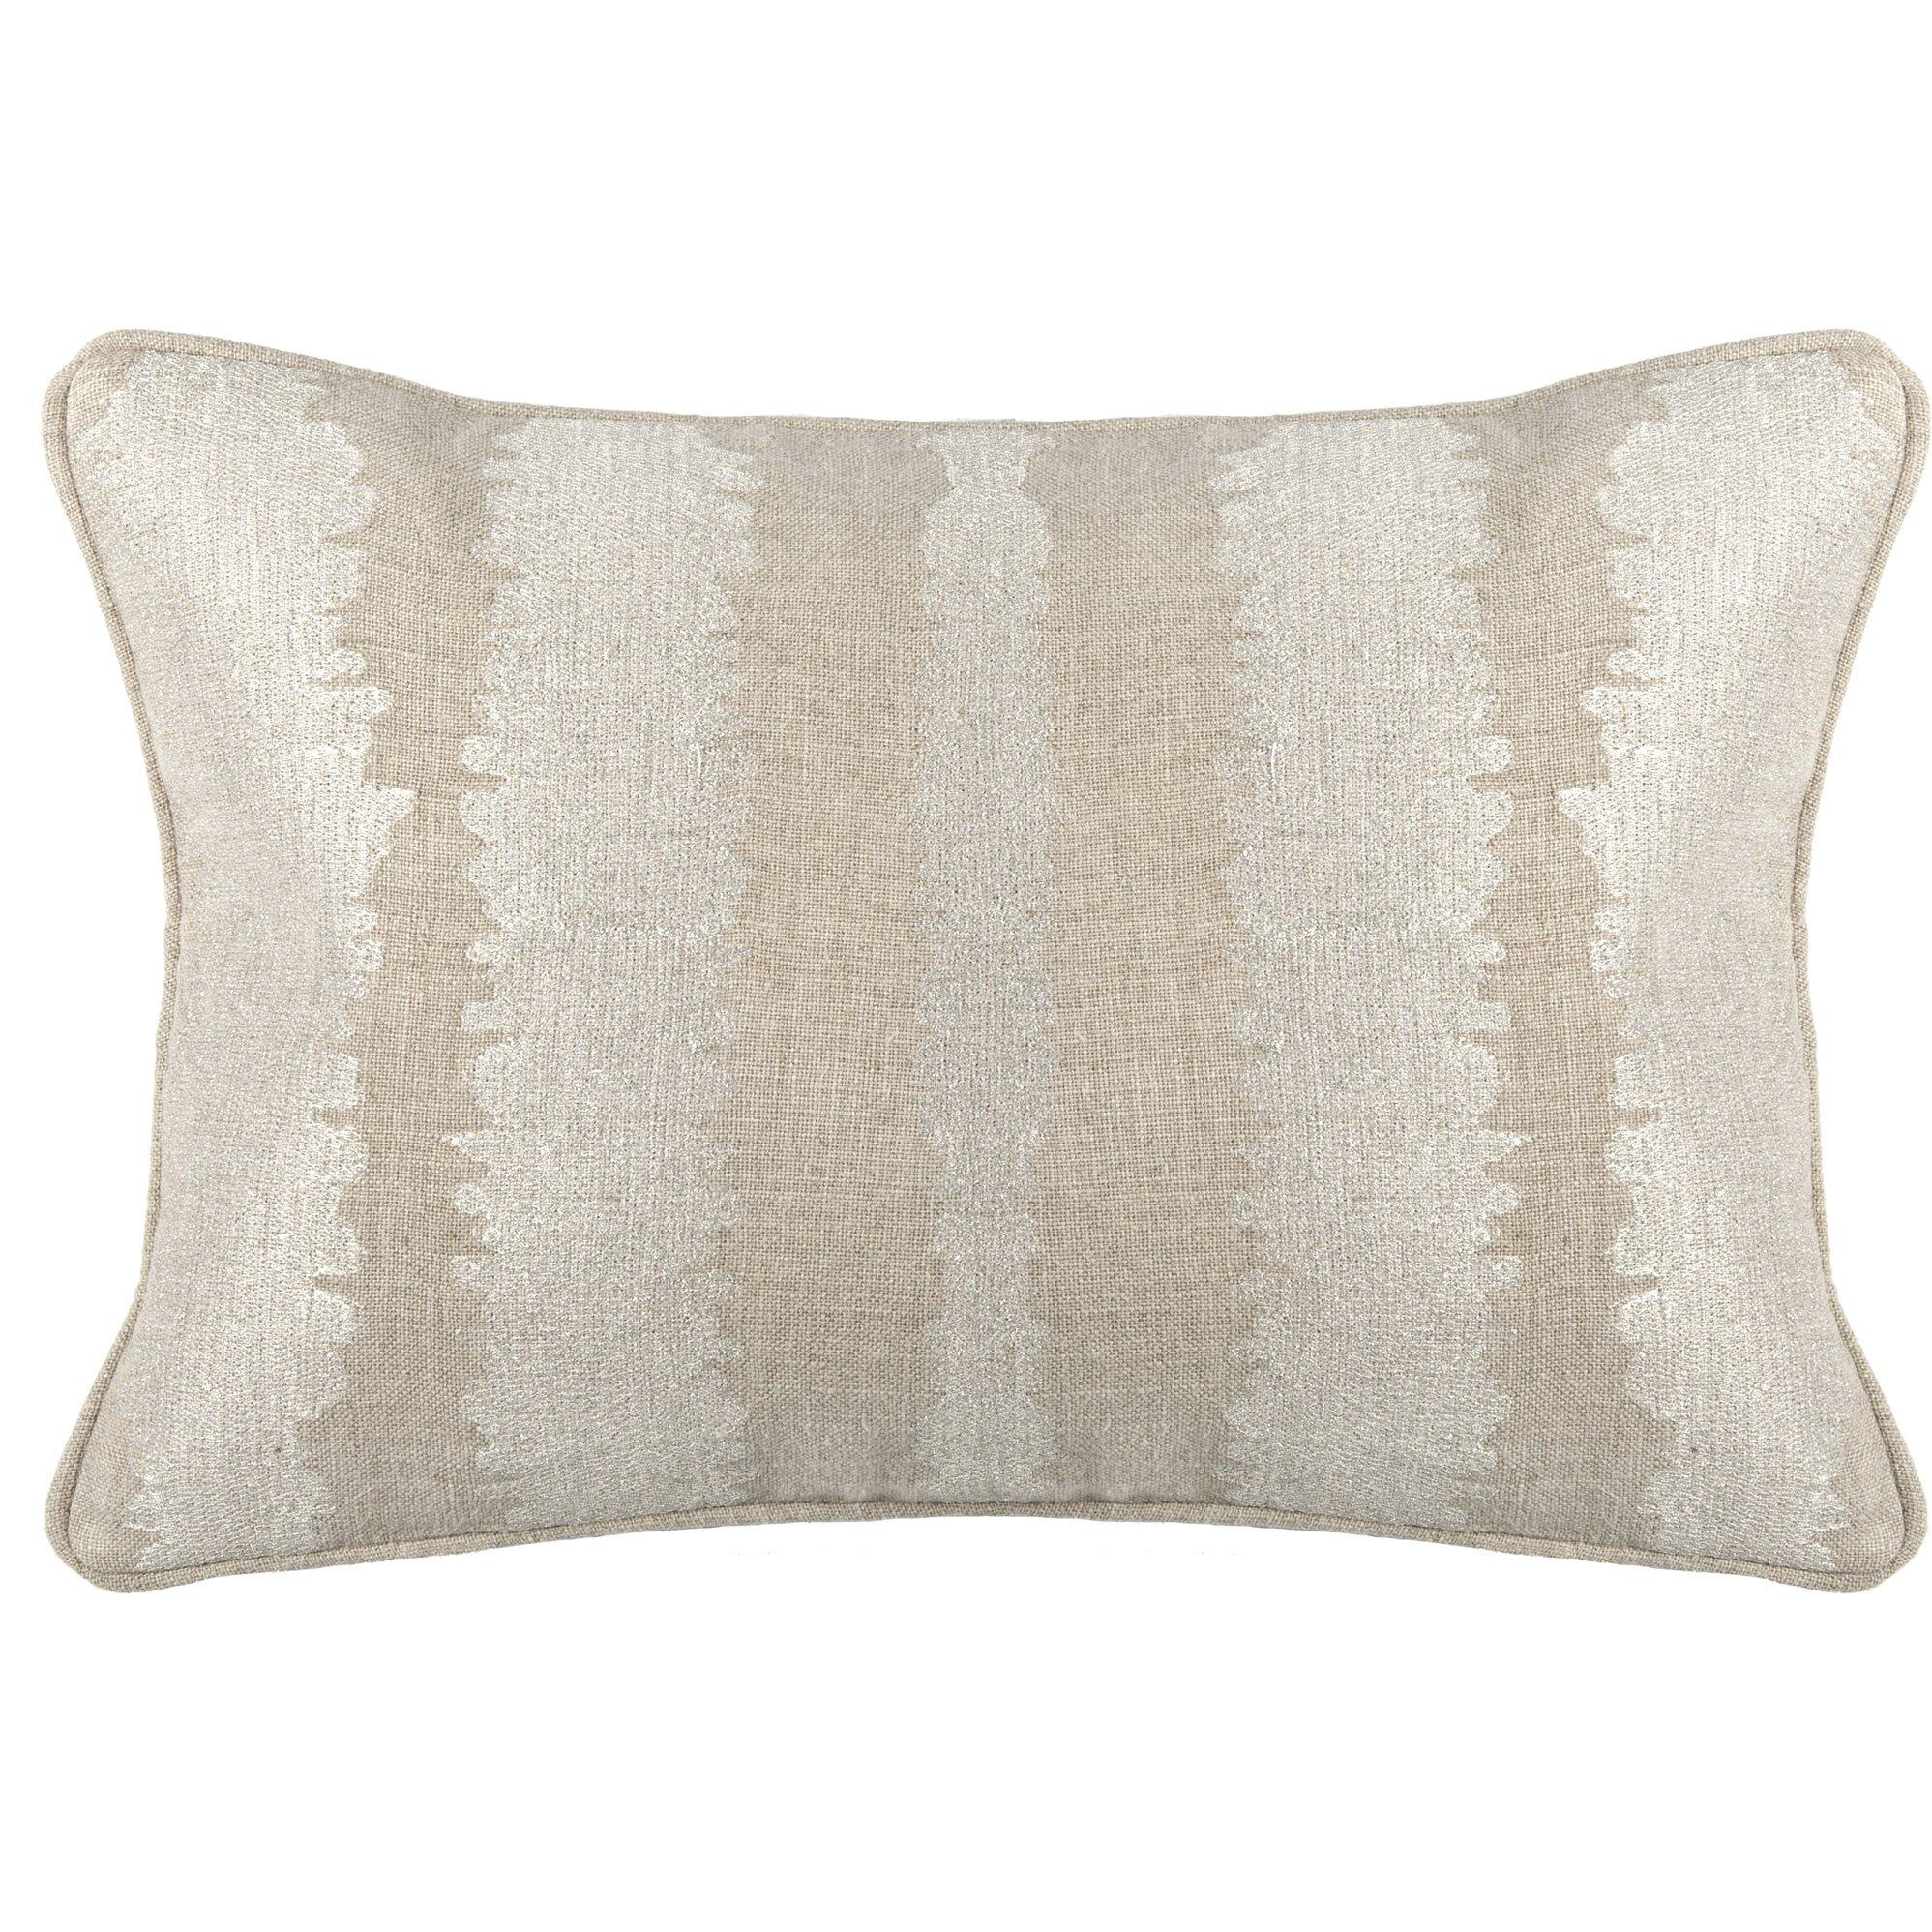 House of hampton failsworth linen lumbar pillow wayfair for Buy hampton inn pillows